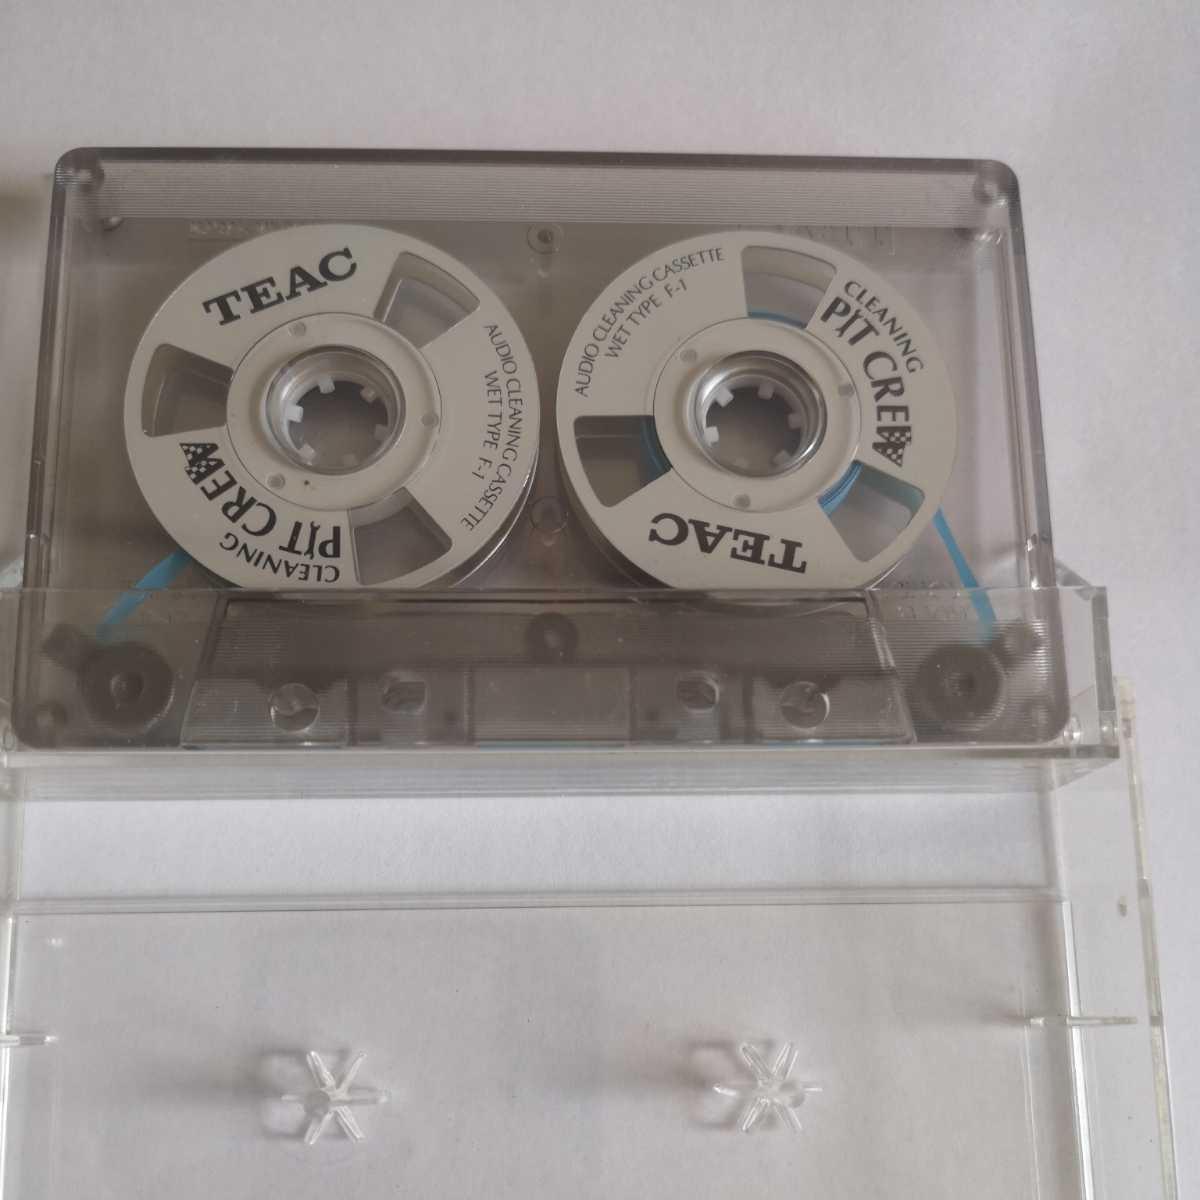 カセットテープ オープンリール TEAC F-1 ピットクルー ティアック クリーニング カセット 中古_画像3